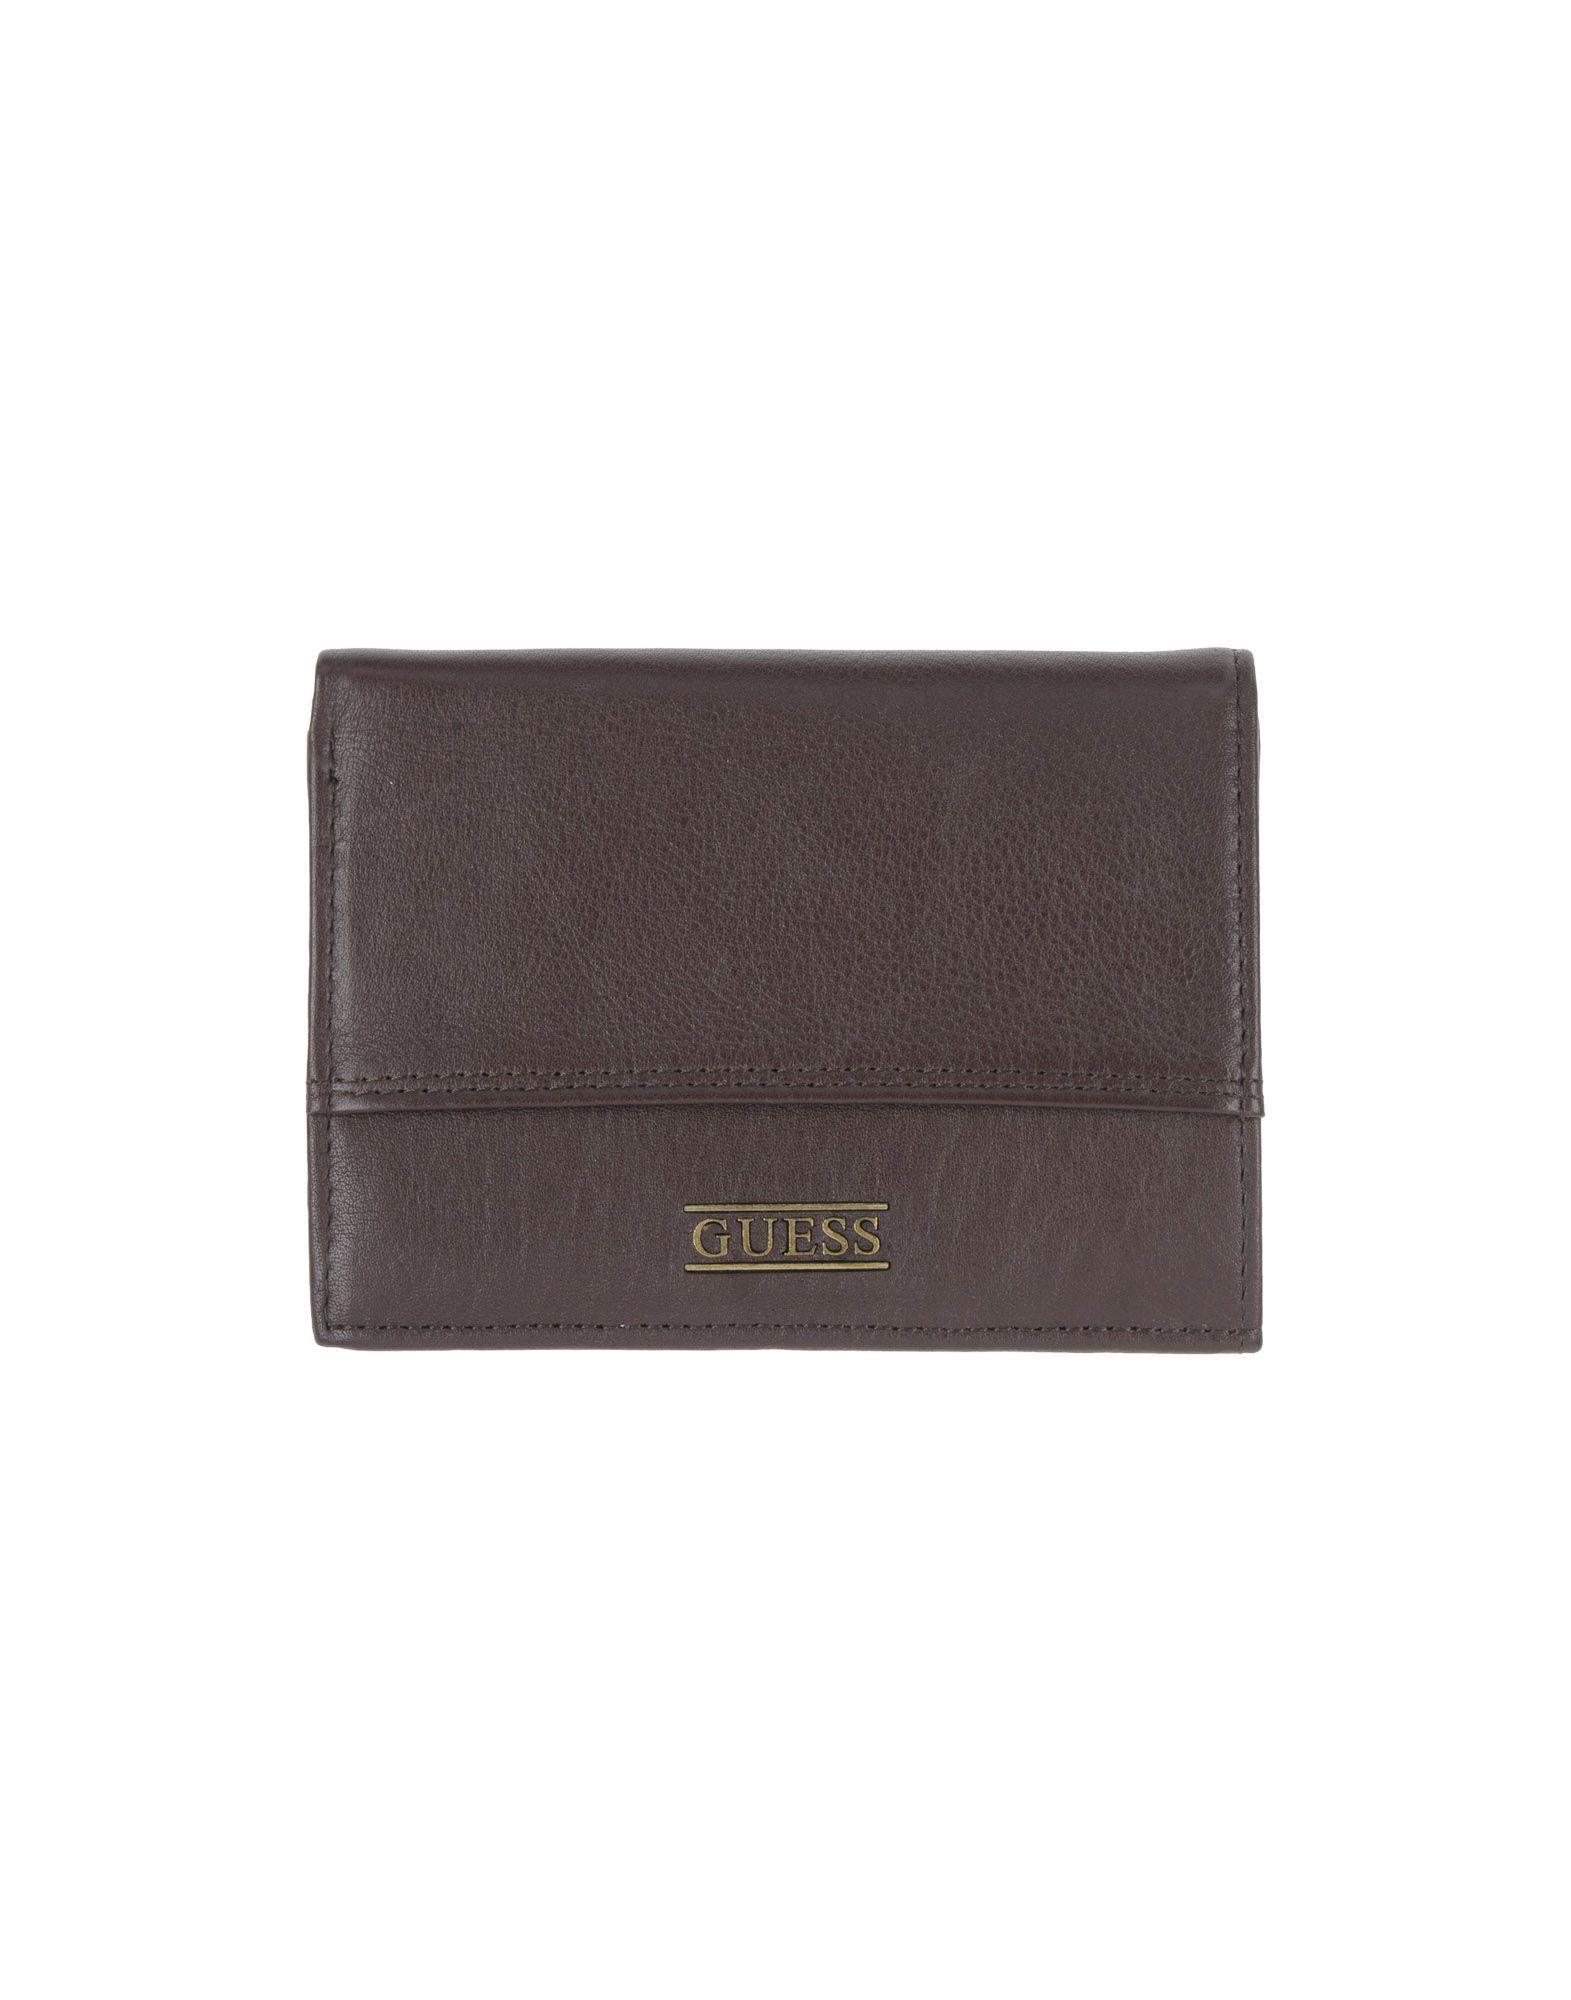 GUESS Бумажник стоимость